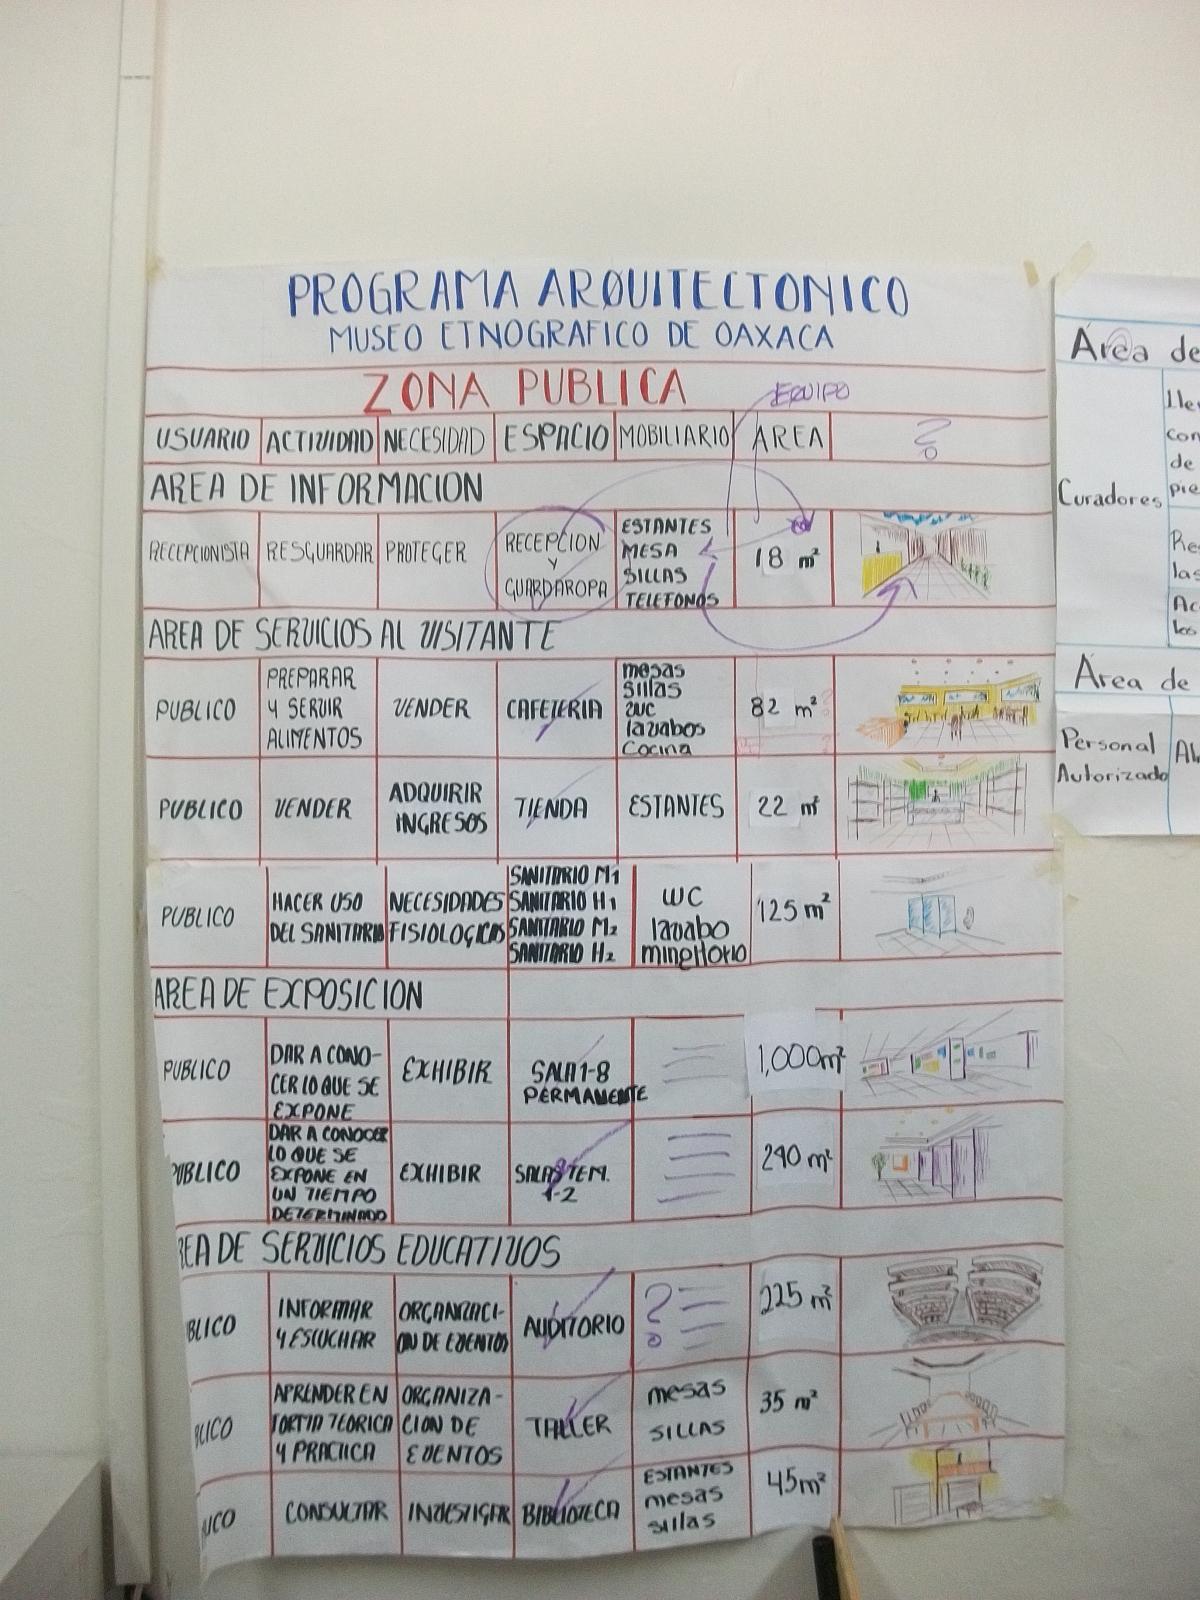 Proceso arquitectonico de un museo etnografico 2 for Programa arquitectonico